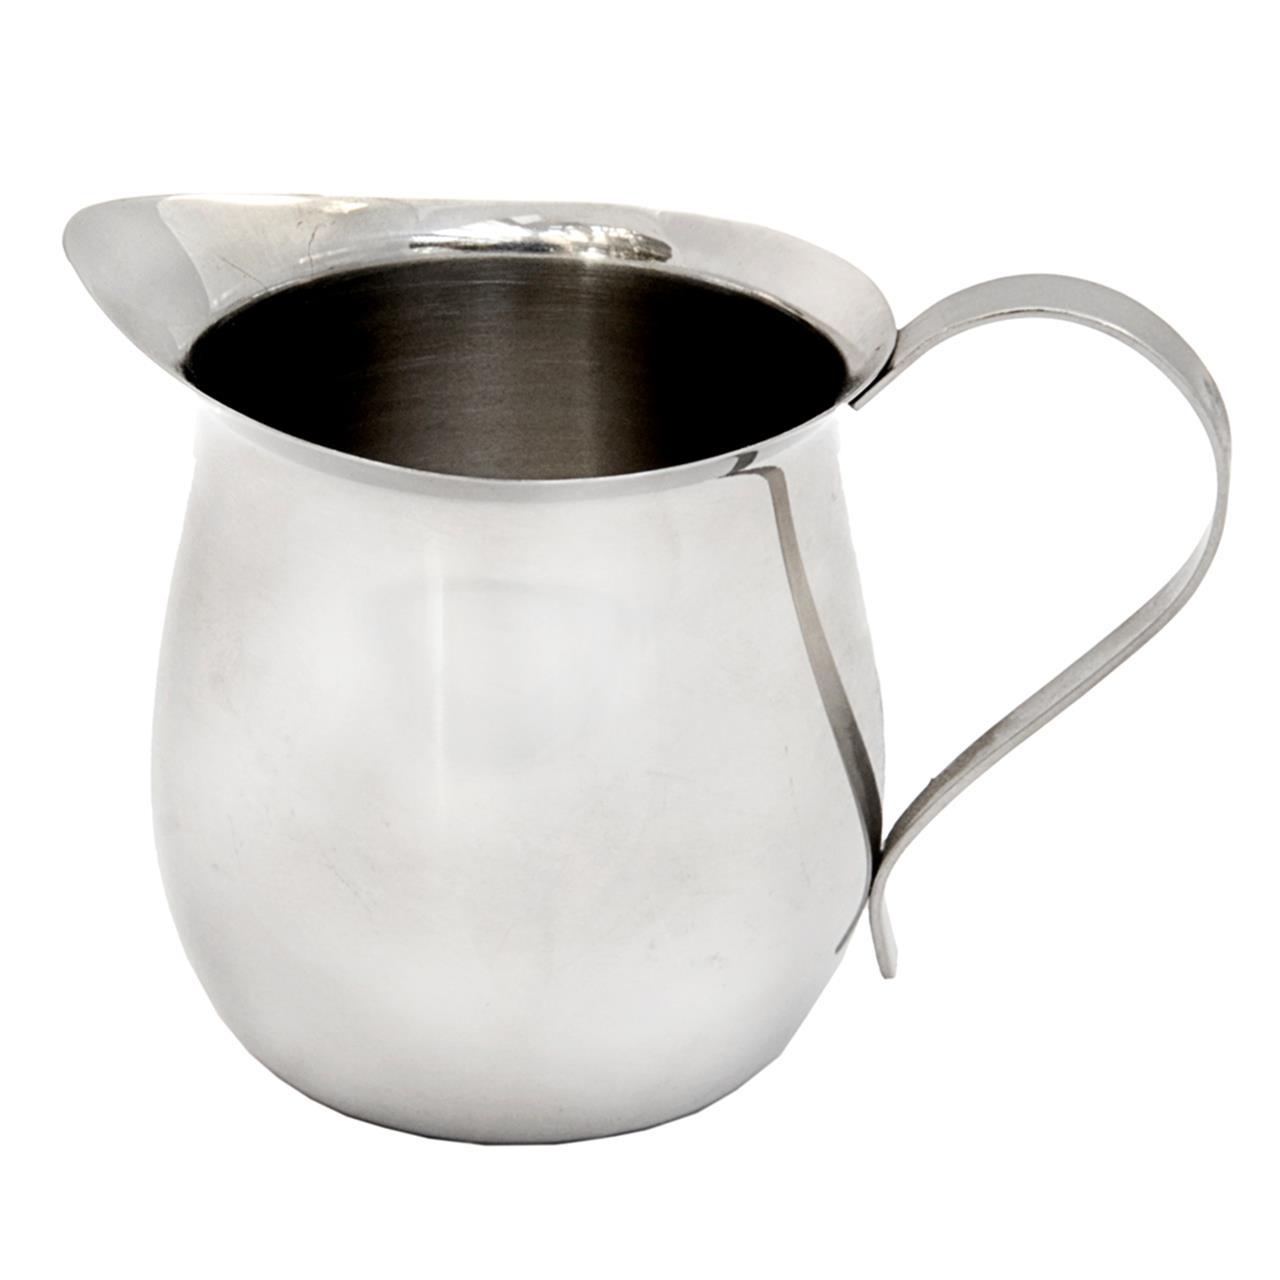 Bell Shape Stainless Steel Creamer